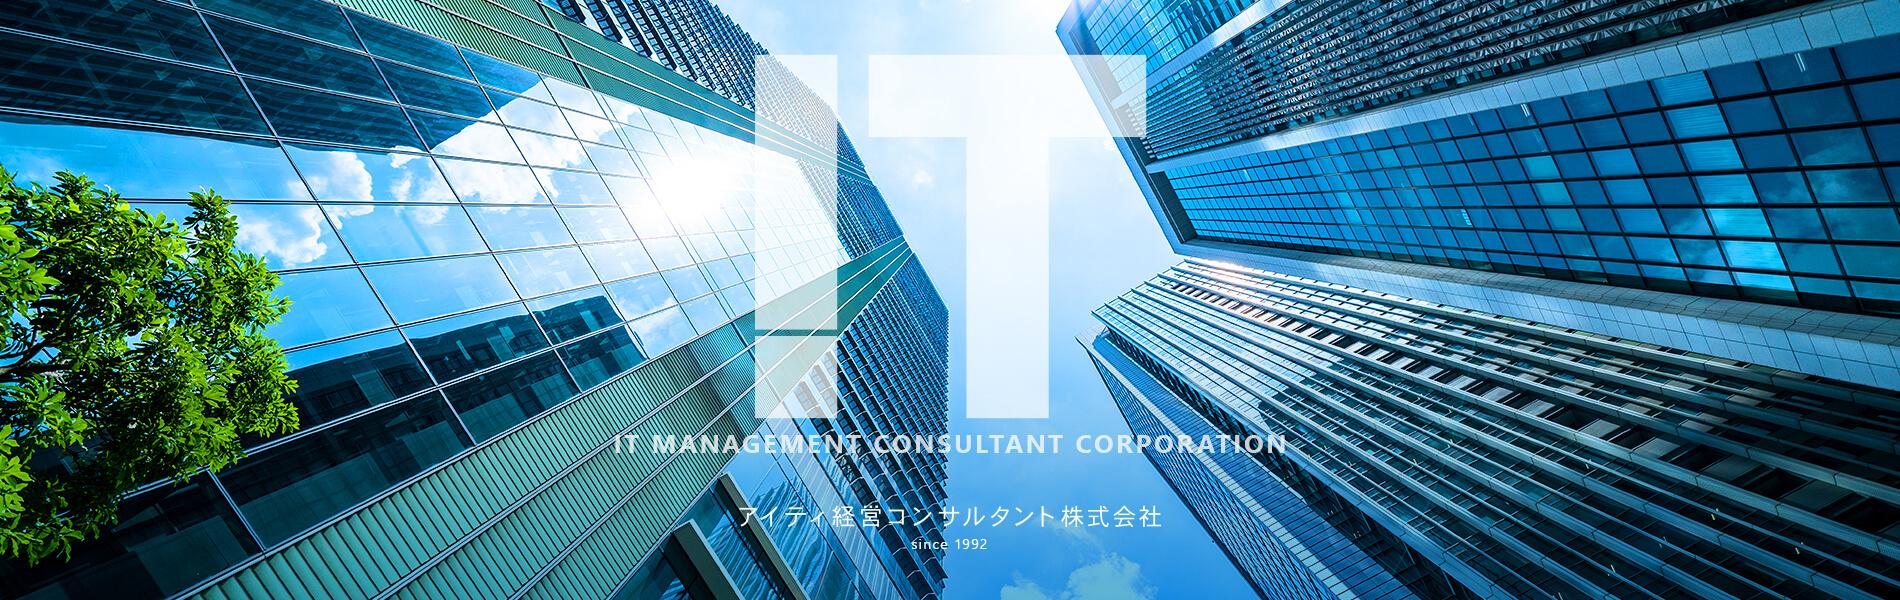 アイティ経営コンサルタント株式会社